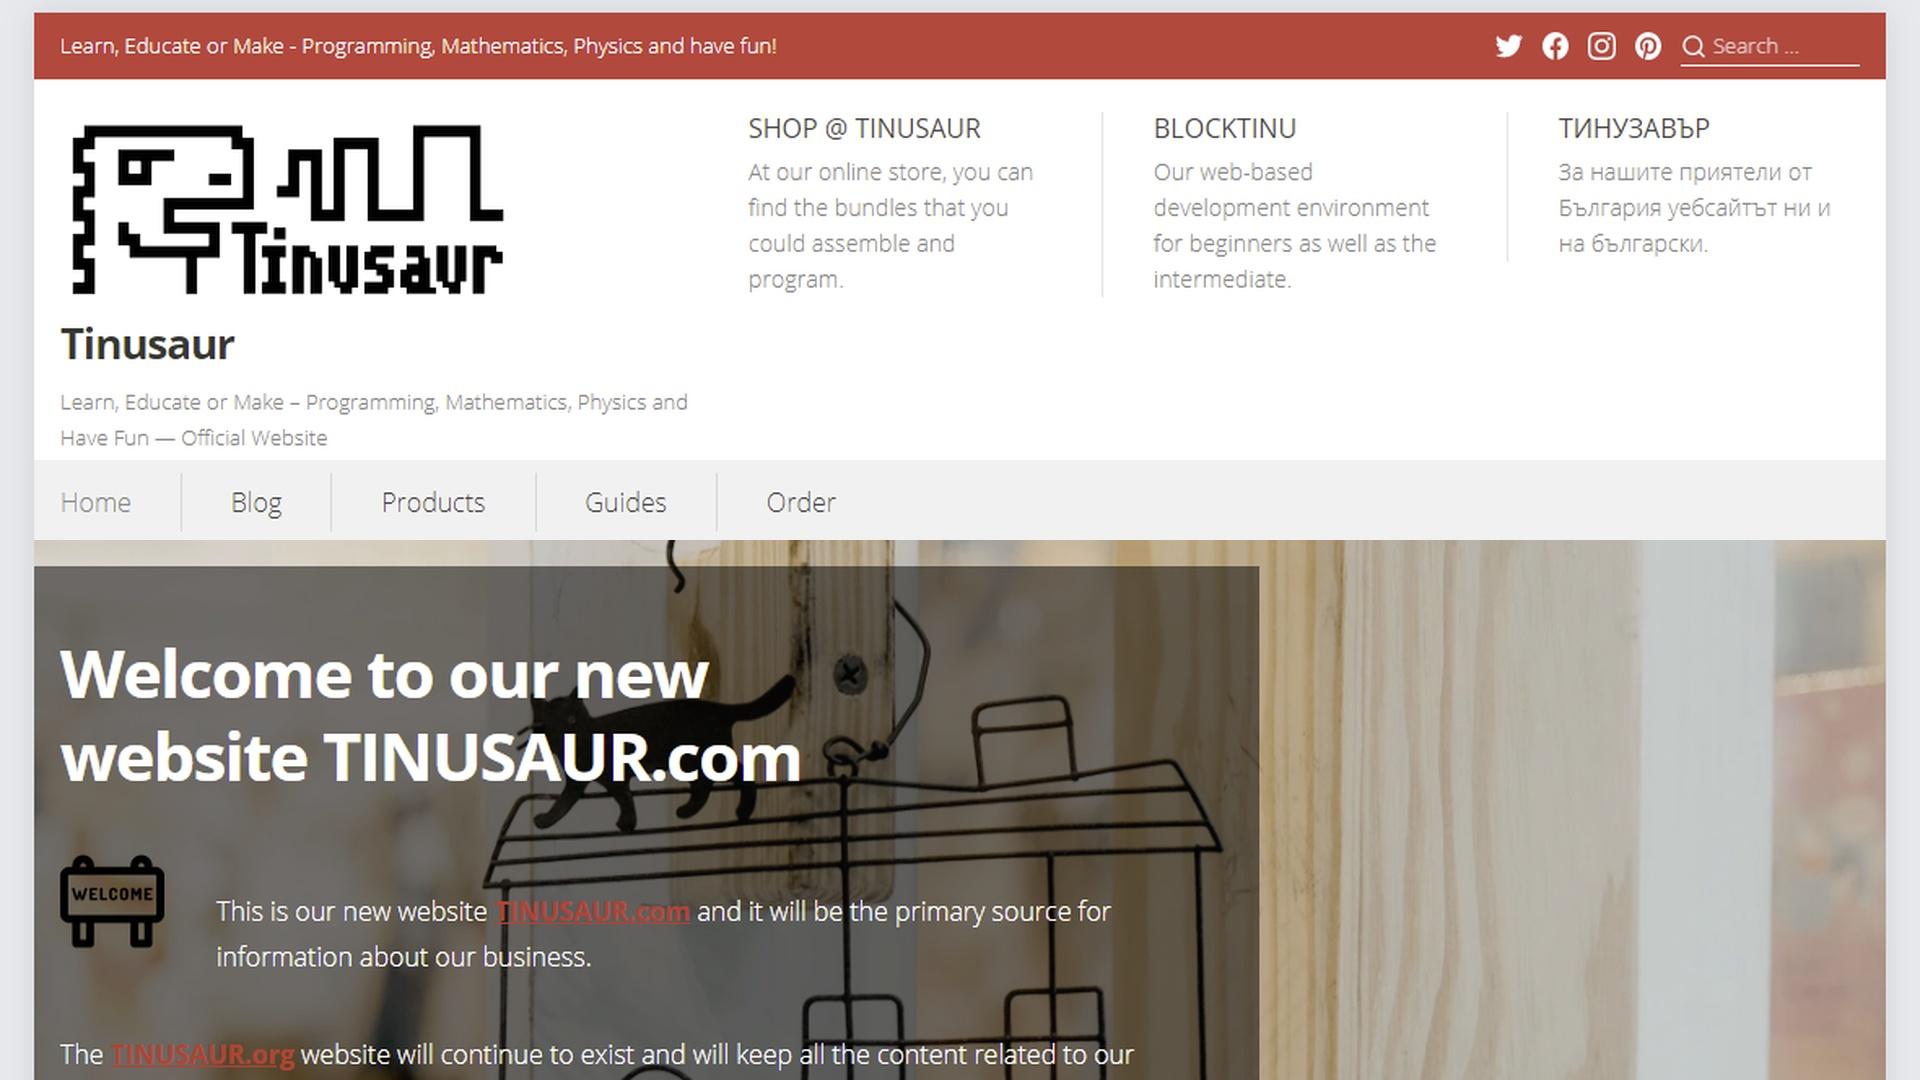 TINUSAUR.com Website